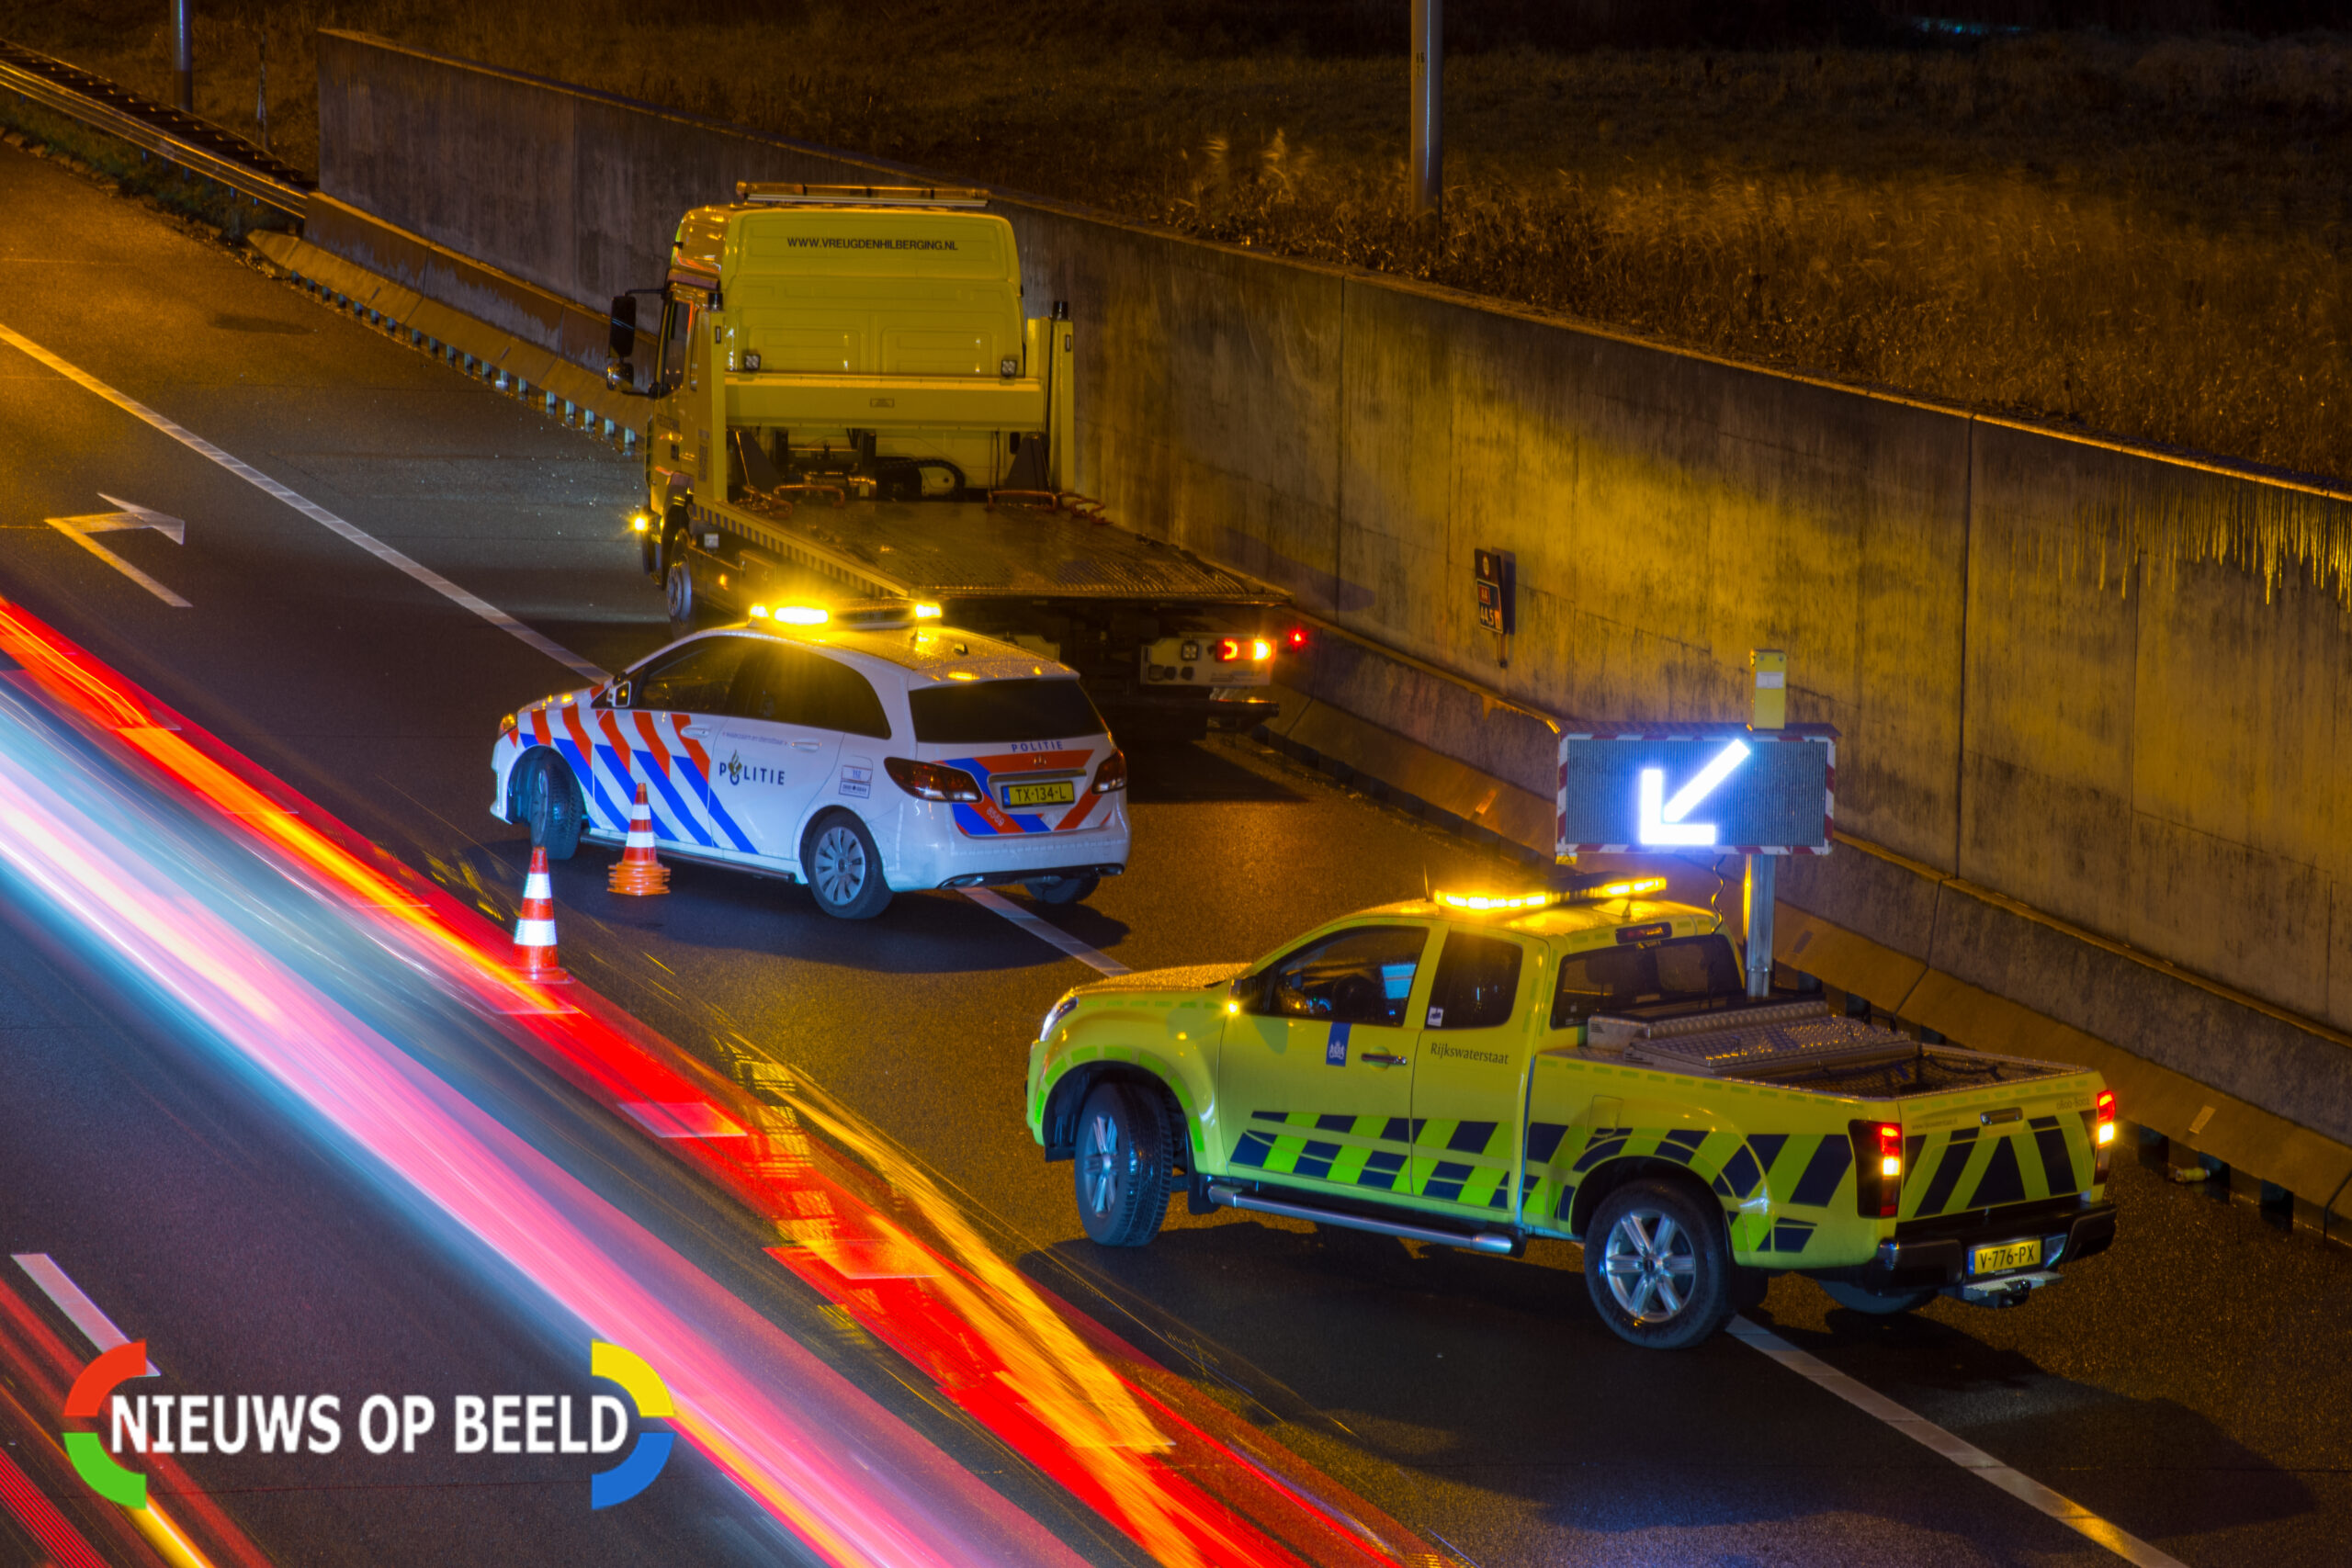 Lekke band draait uit op aanhouding en inbeslagname auto in Nieuwerkerk aan den IJssel